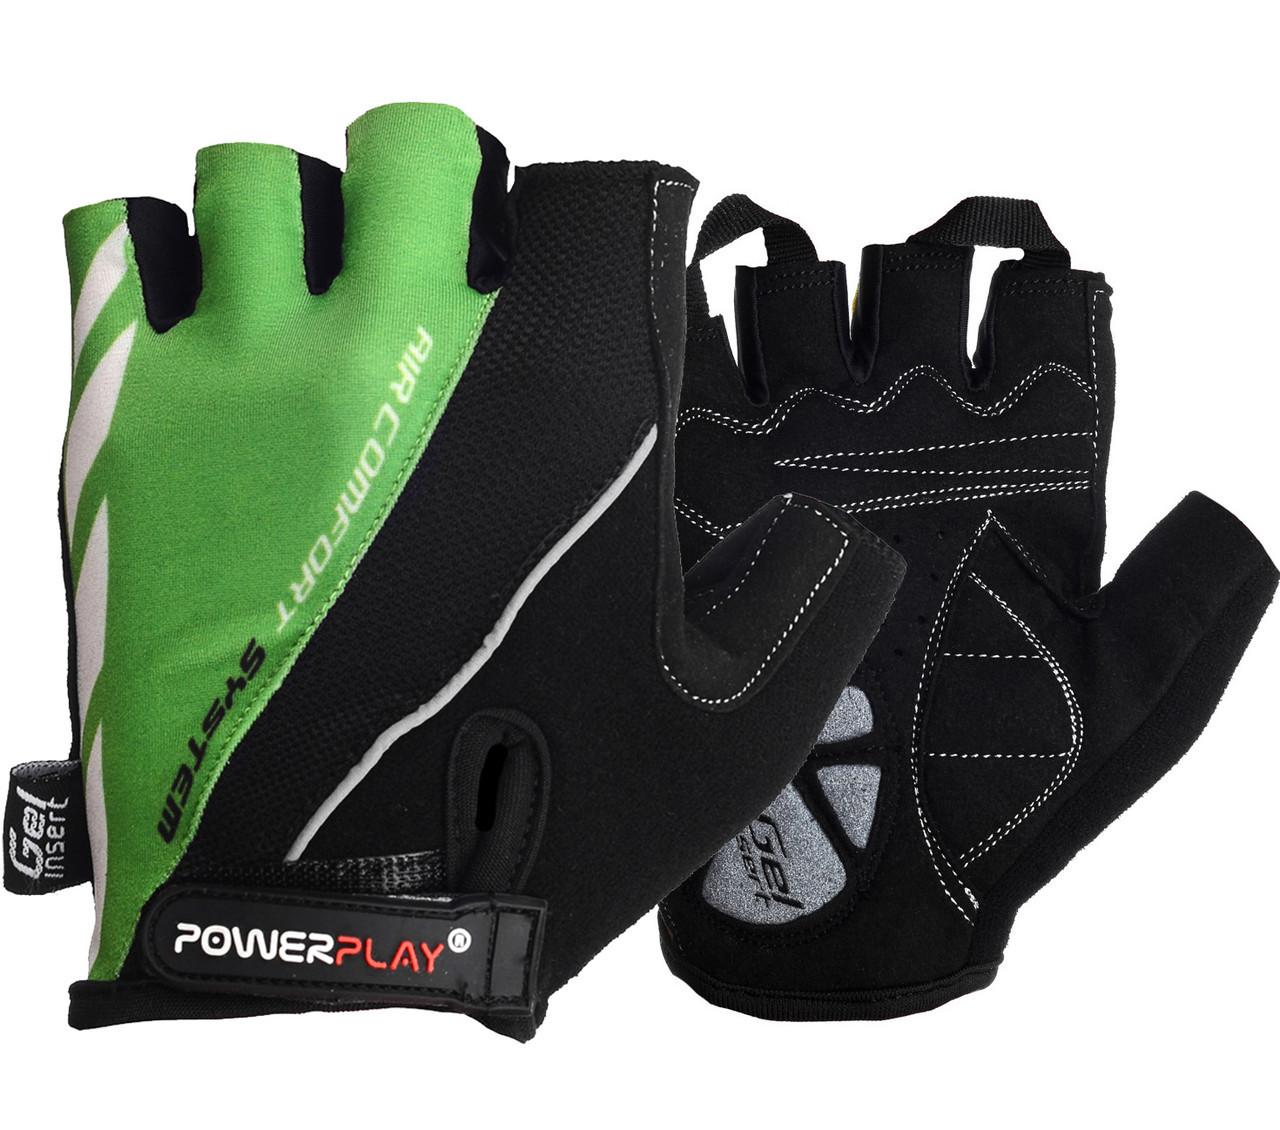 Велорукавички PowerPlay 5024 B Чорно-зелені S - 144333